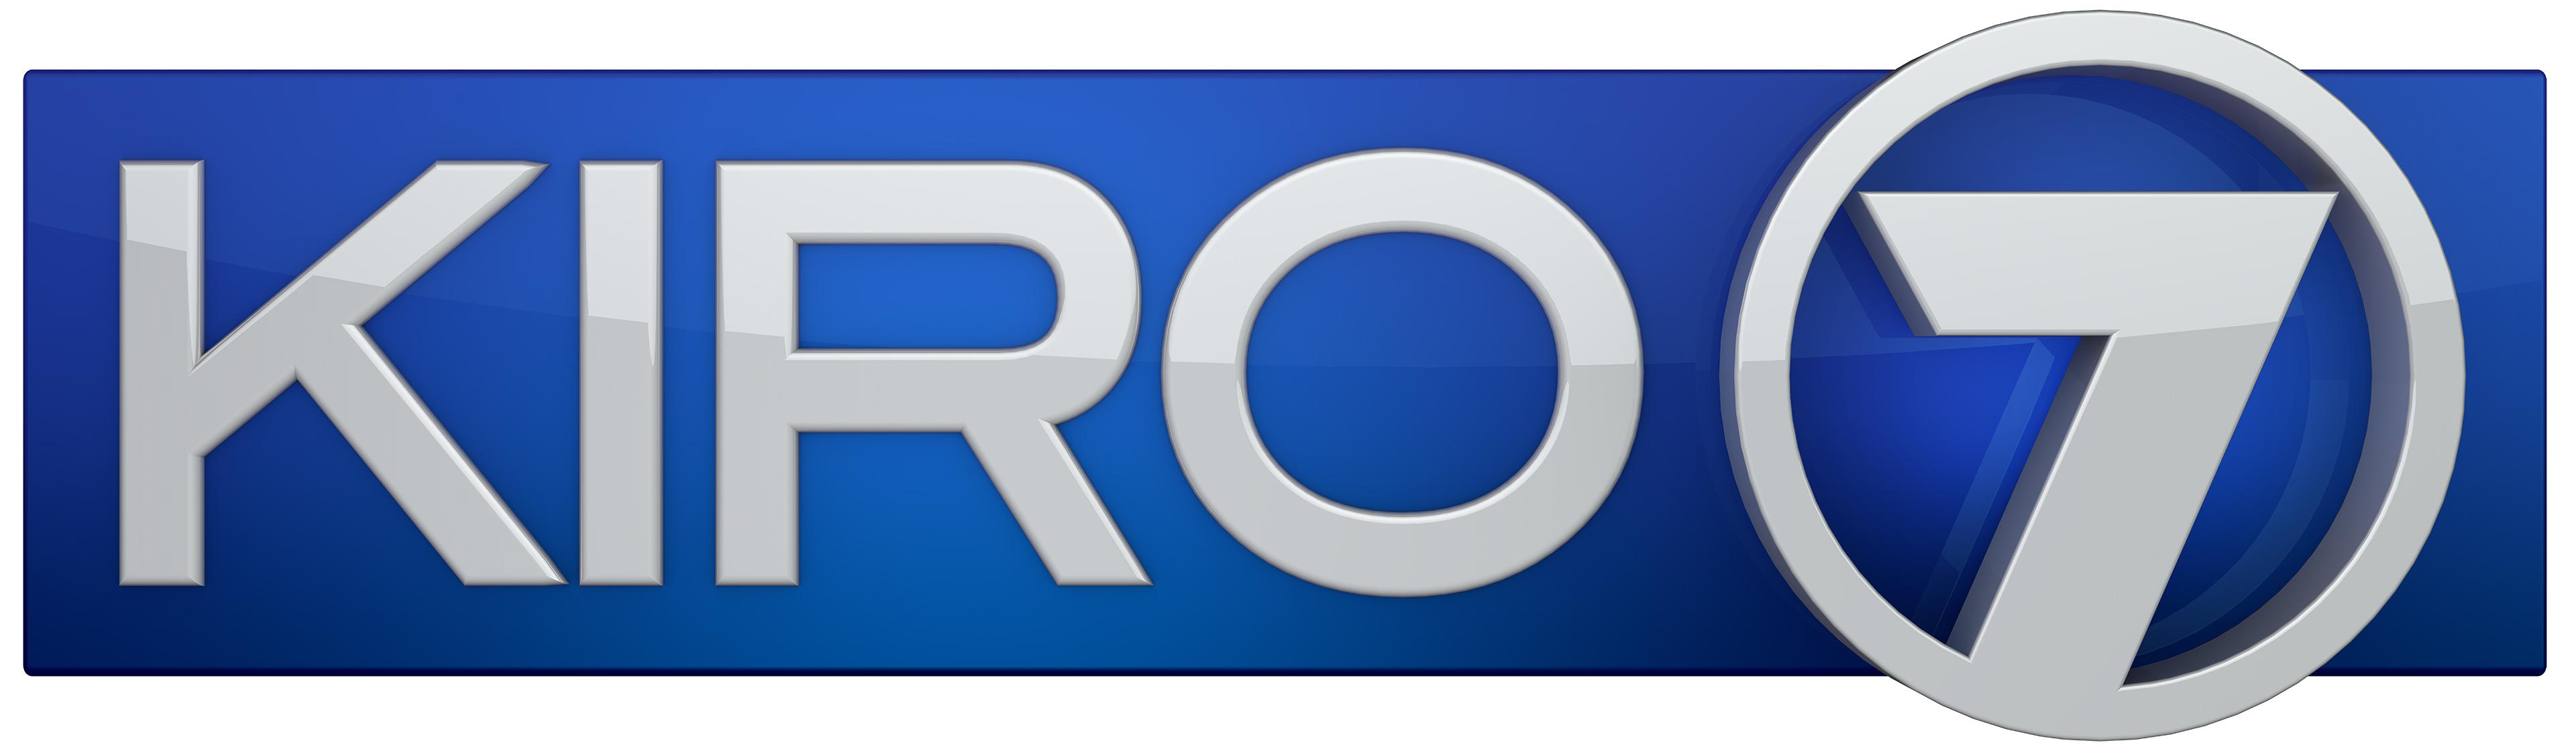 KIRO 7